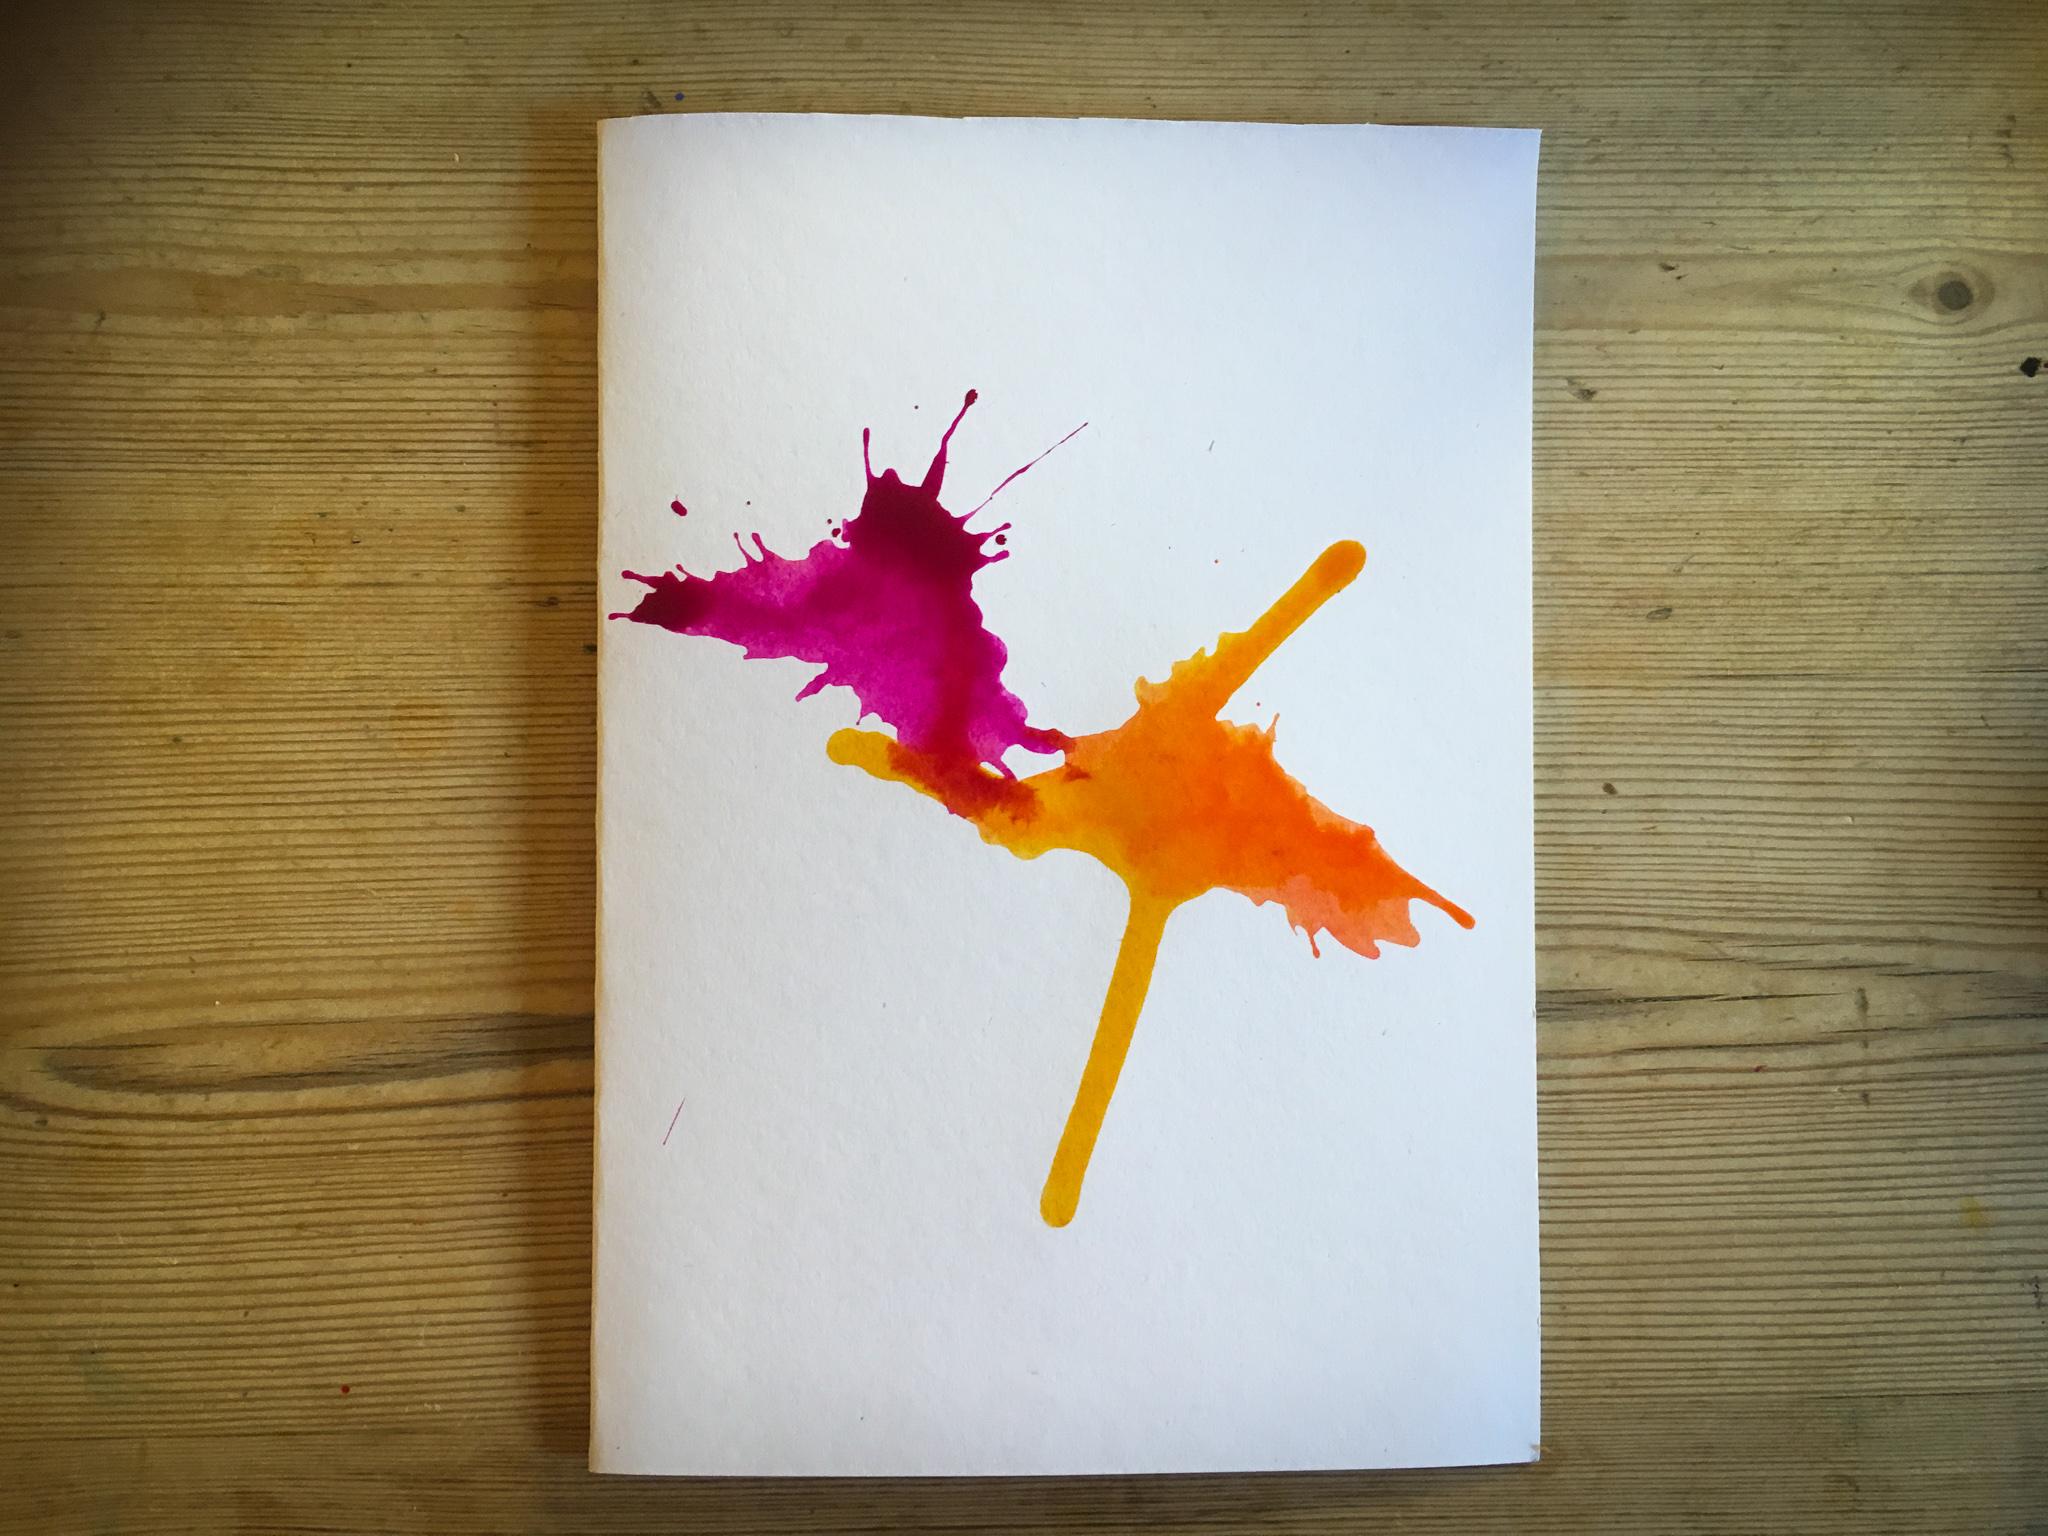 ink-splat-candyfloss-2